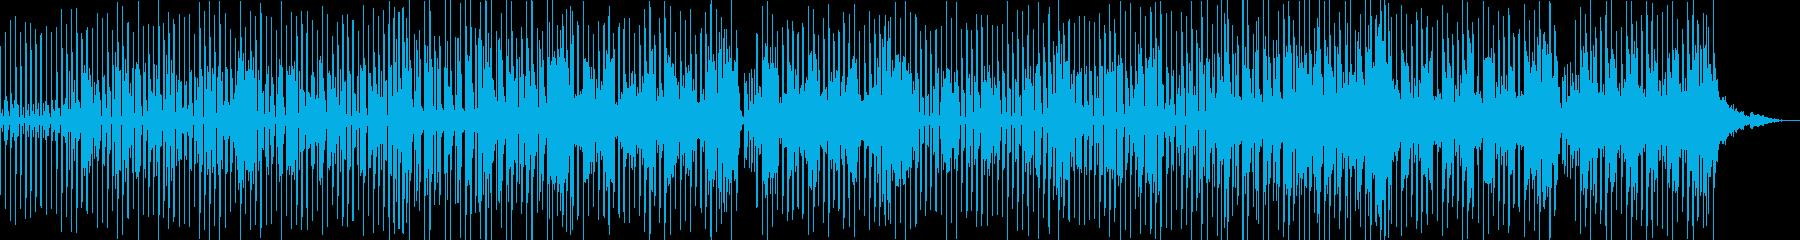 哀愁感じるレゲエの再生済みの波形